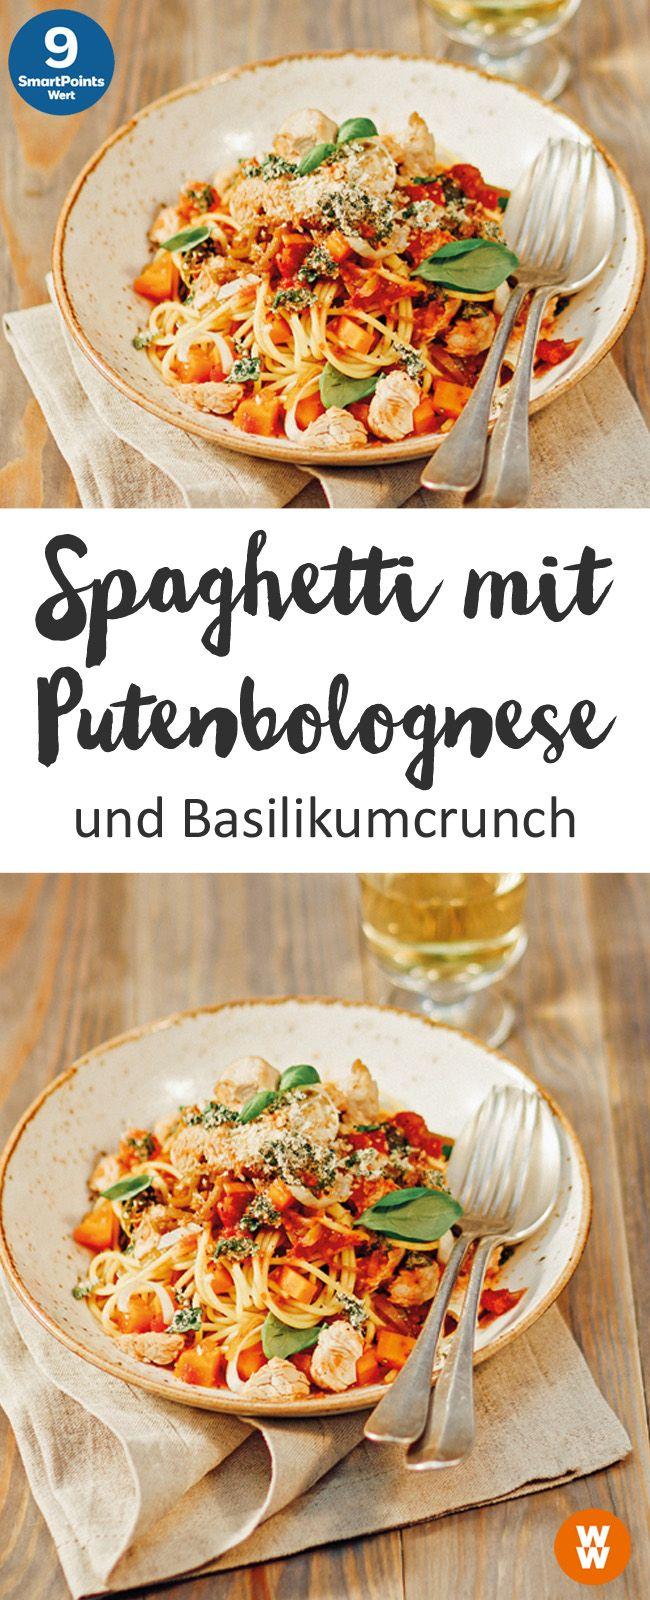 Spaghetti mit Putenbolognese und Basilikumcrunch, Pasta, Hauptgericht, Bolognes | Weight Watchers